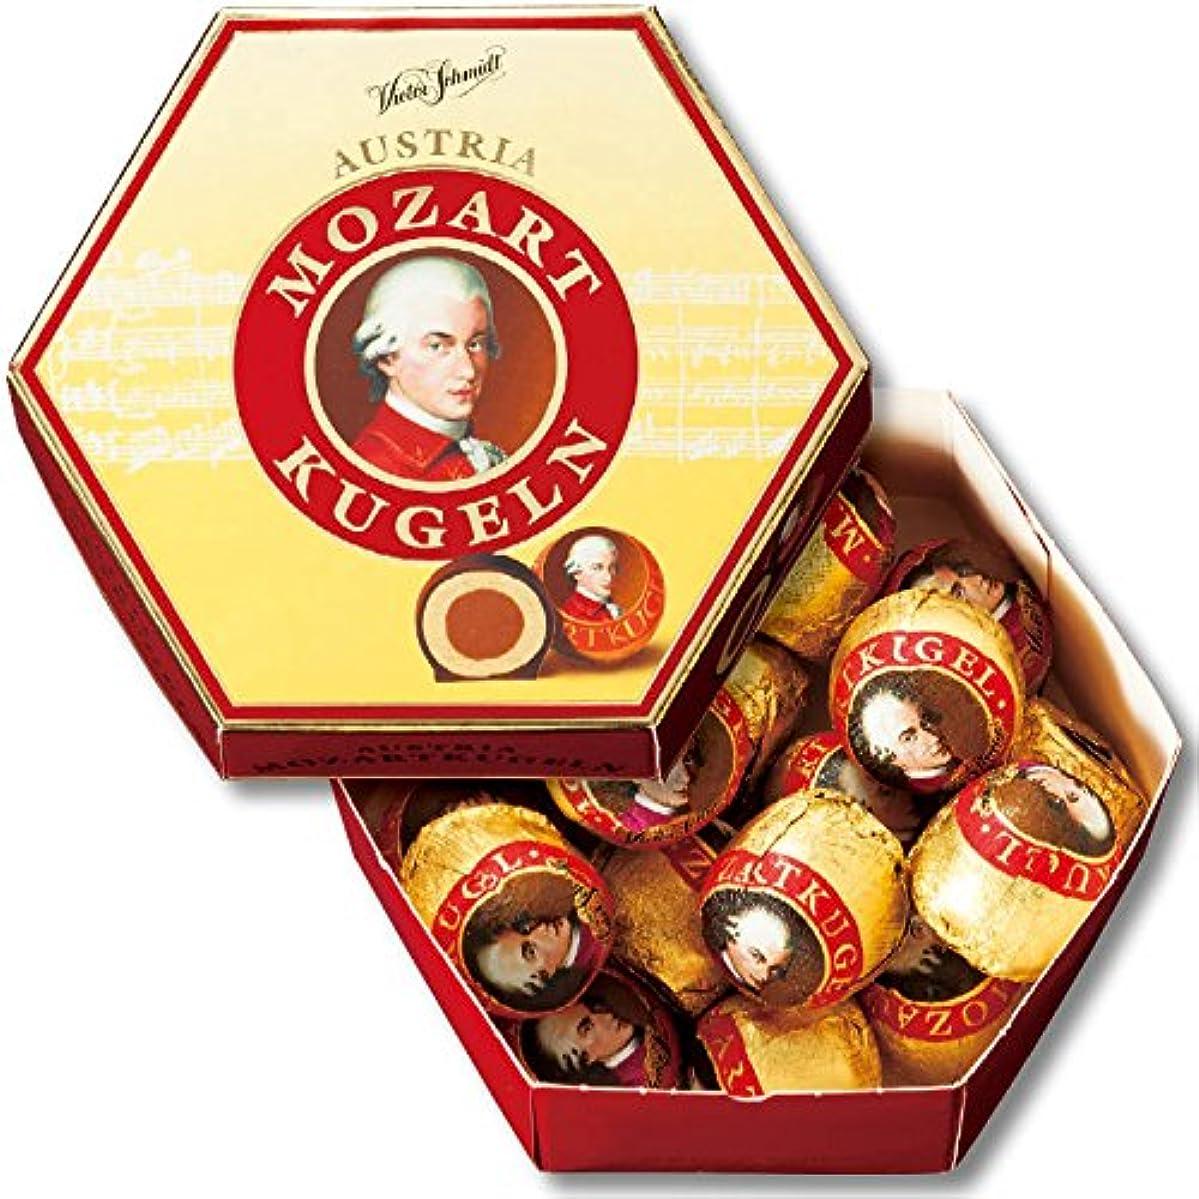 こだわり屋内工業用オーストリア 土産 モーツァルト クーゲルチョコレート 1箱 (海外旅行 オーストリア お土産)